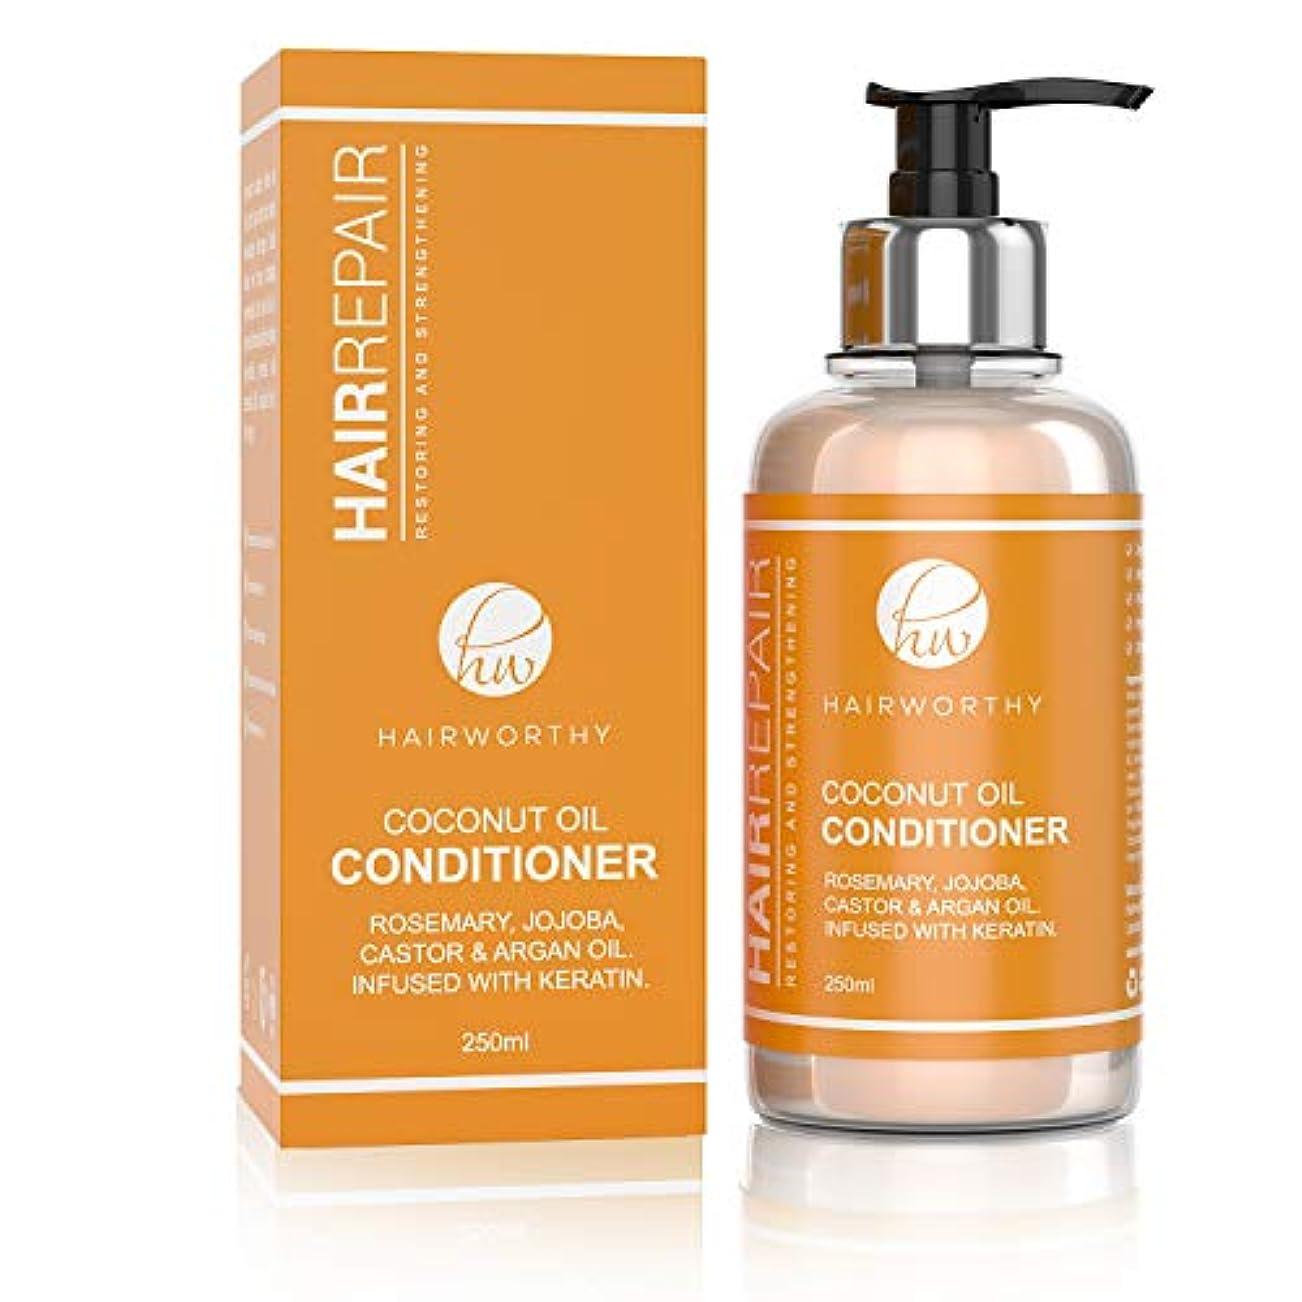 減らすルアー有用Hairworthy Hairrepair ヘアリペアココナッツオイルコンディショナー-ローズマリー、ホホバ、ヒマシ油、アルガンオイル。ケラチンを注入します。